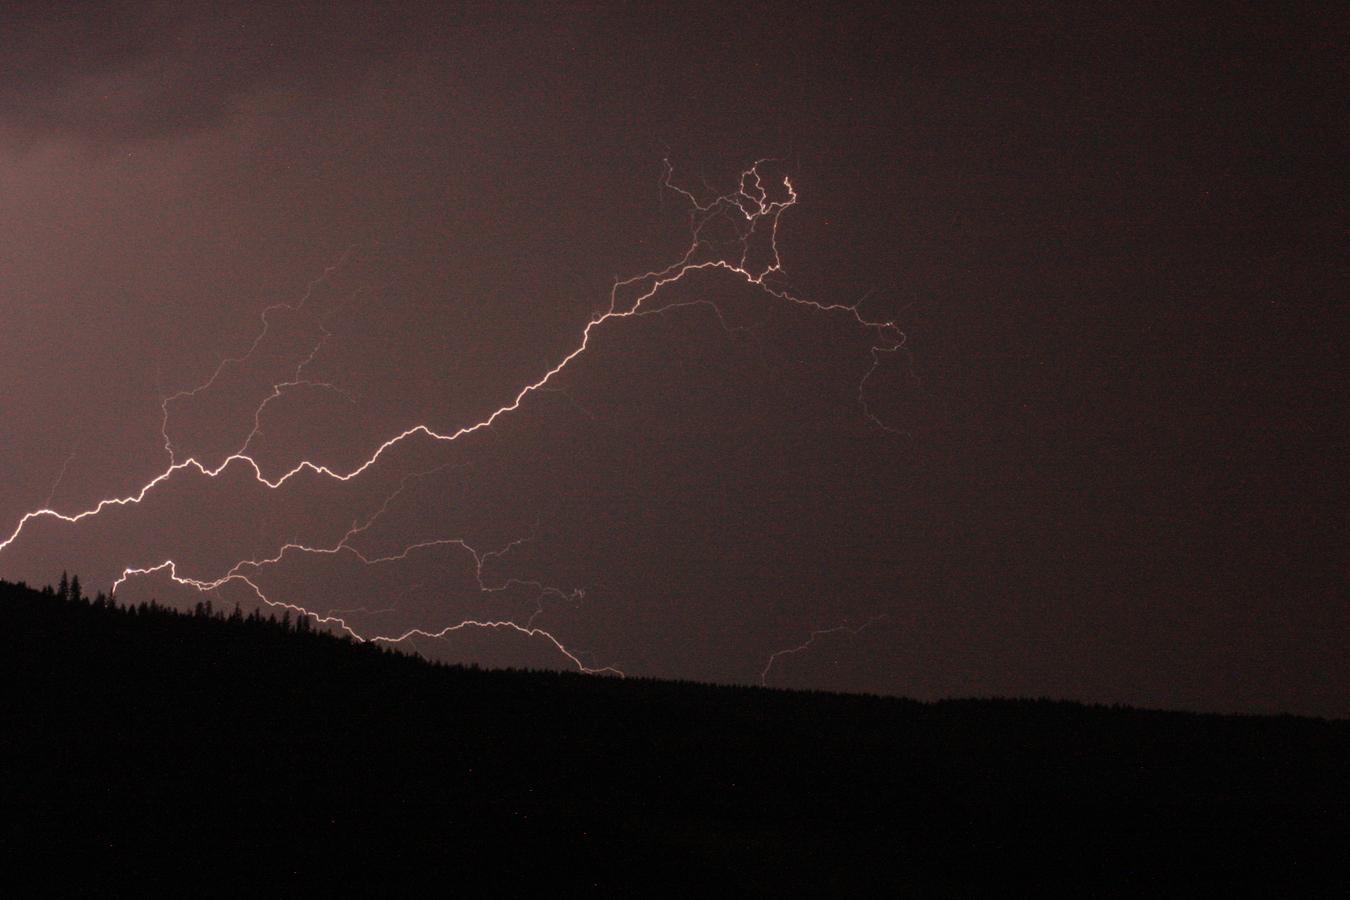 Srpnová bouřka -  bleskem oživené nebe